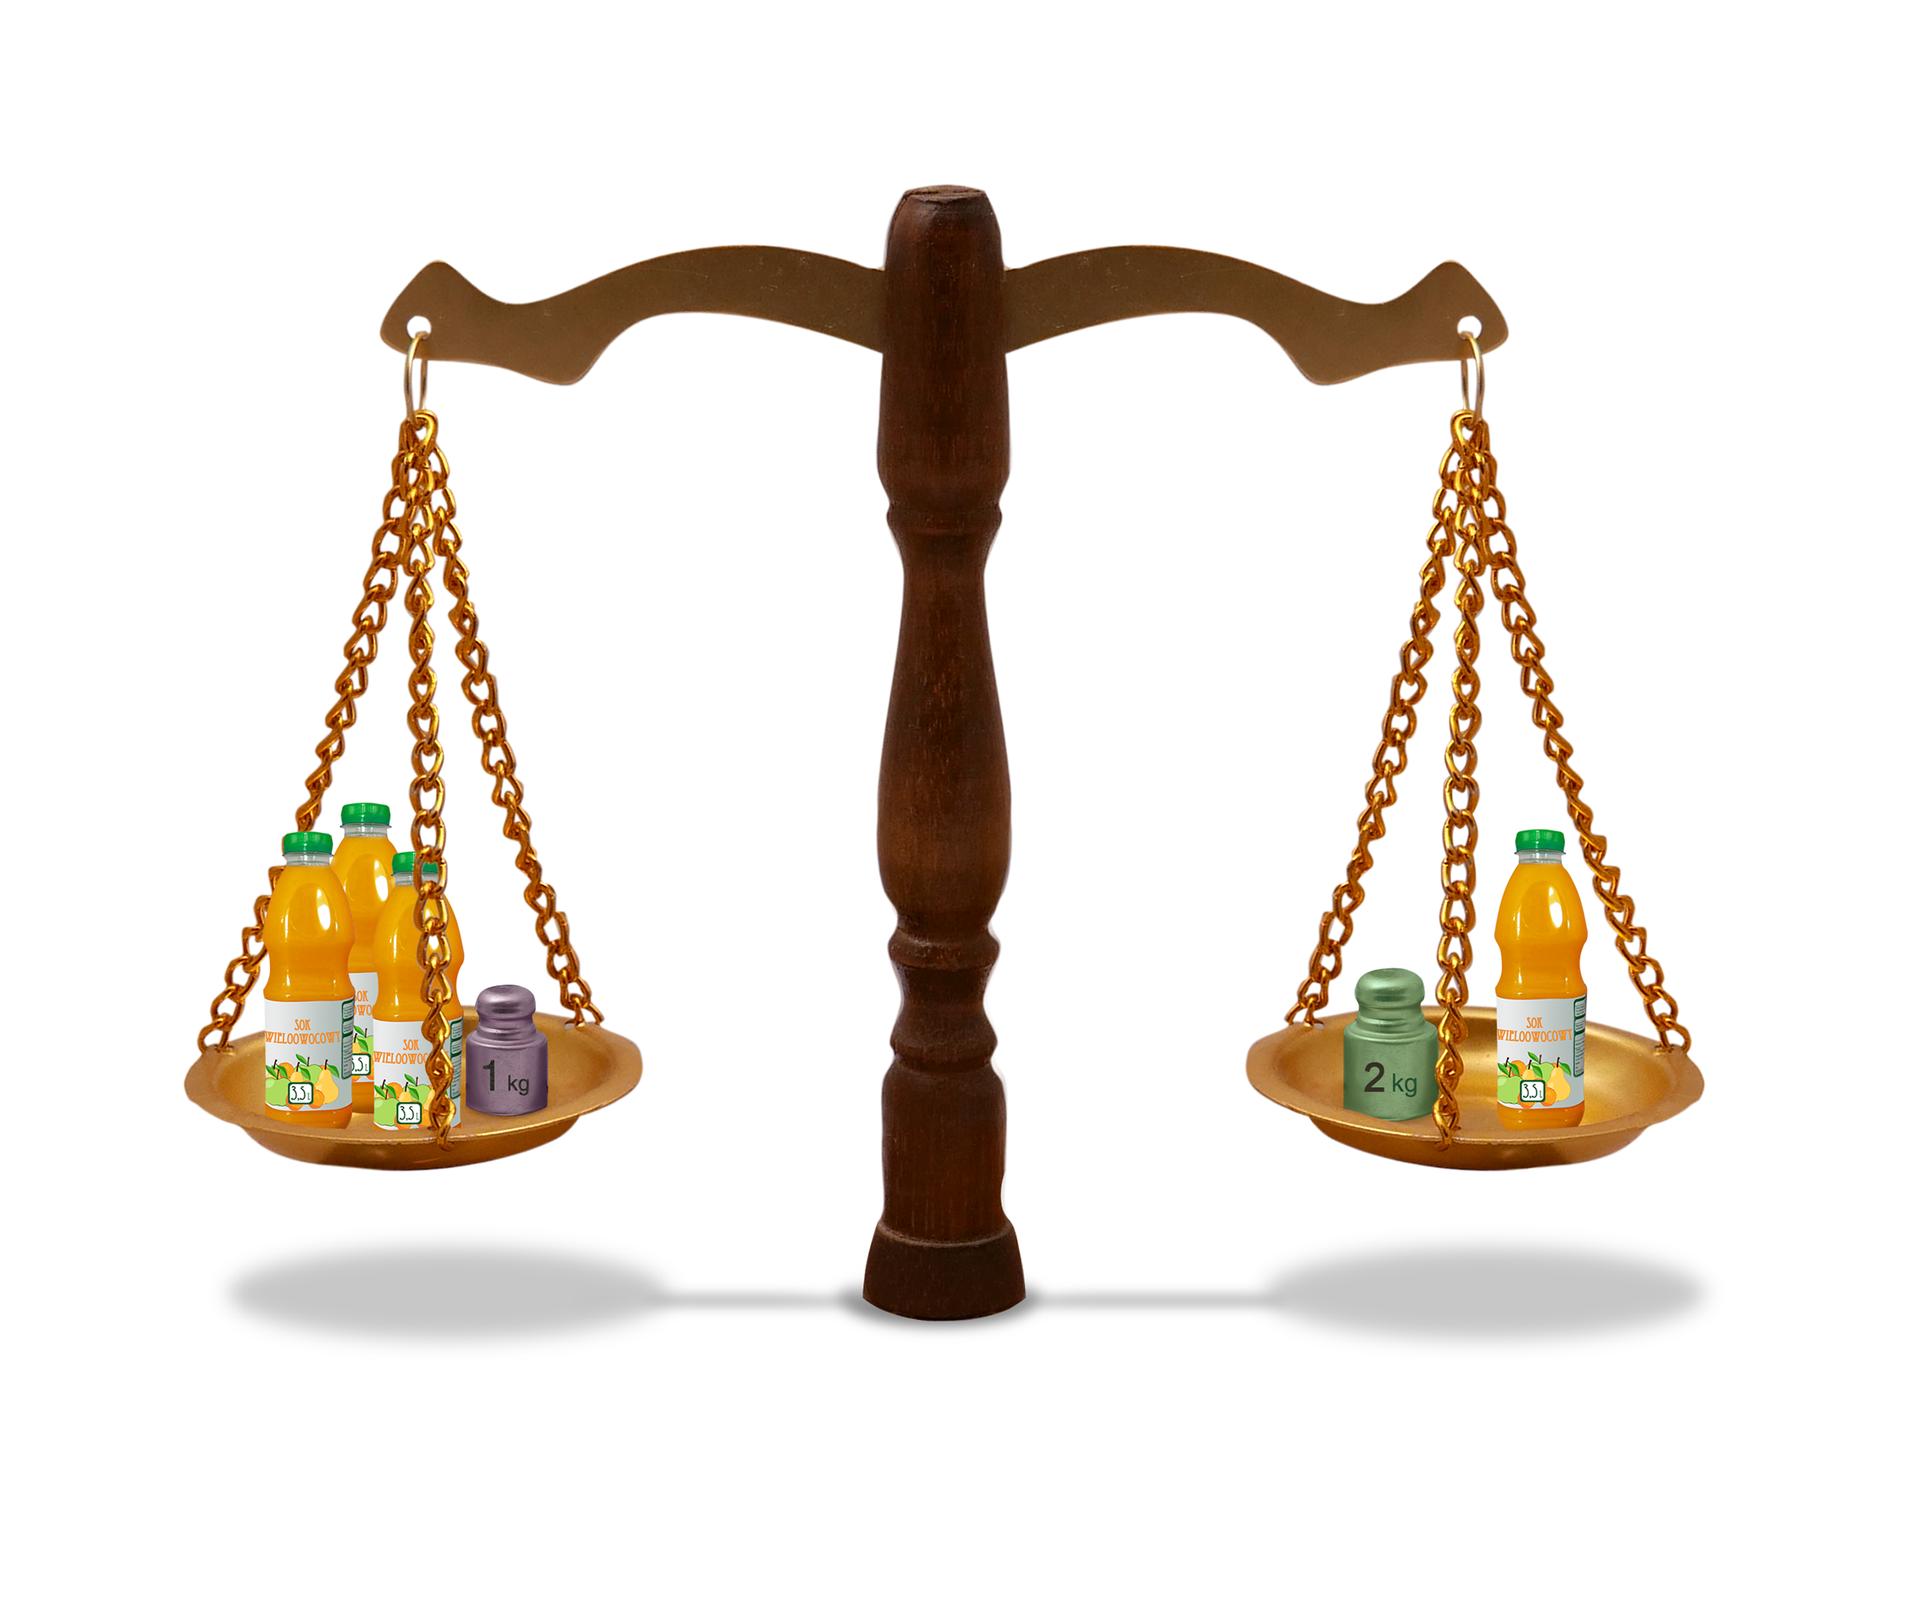 Rysunek wagi szalkowej. Na jednej szalce 3 butelki soku iodważnik 1 kg. Na drugiej szalce jedna butelka soku iodważnik 2 kilogramy.